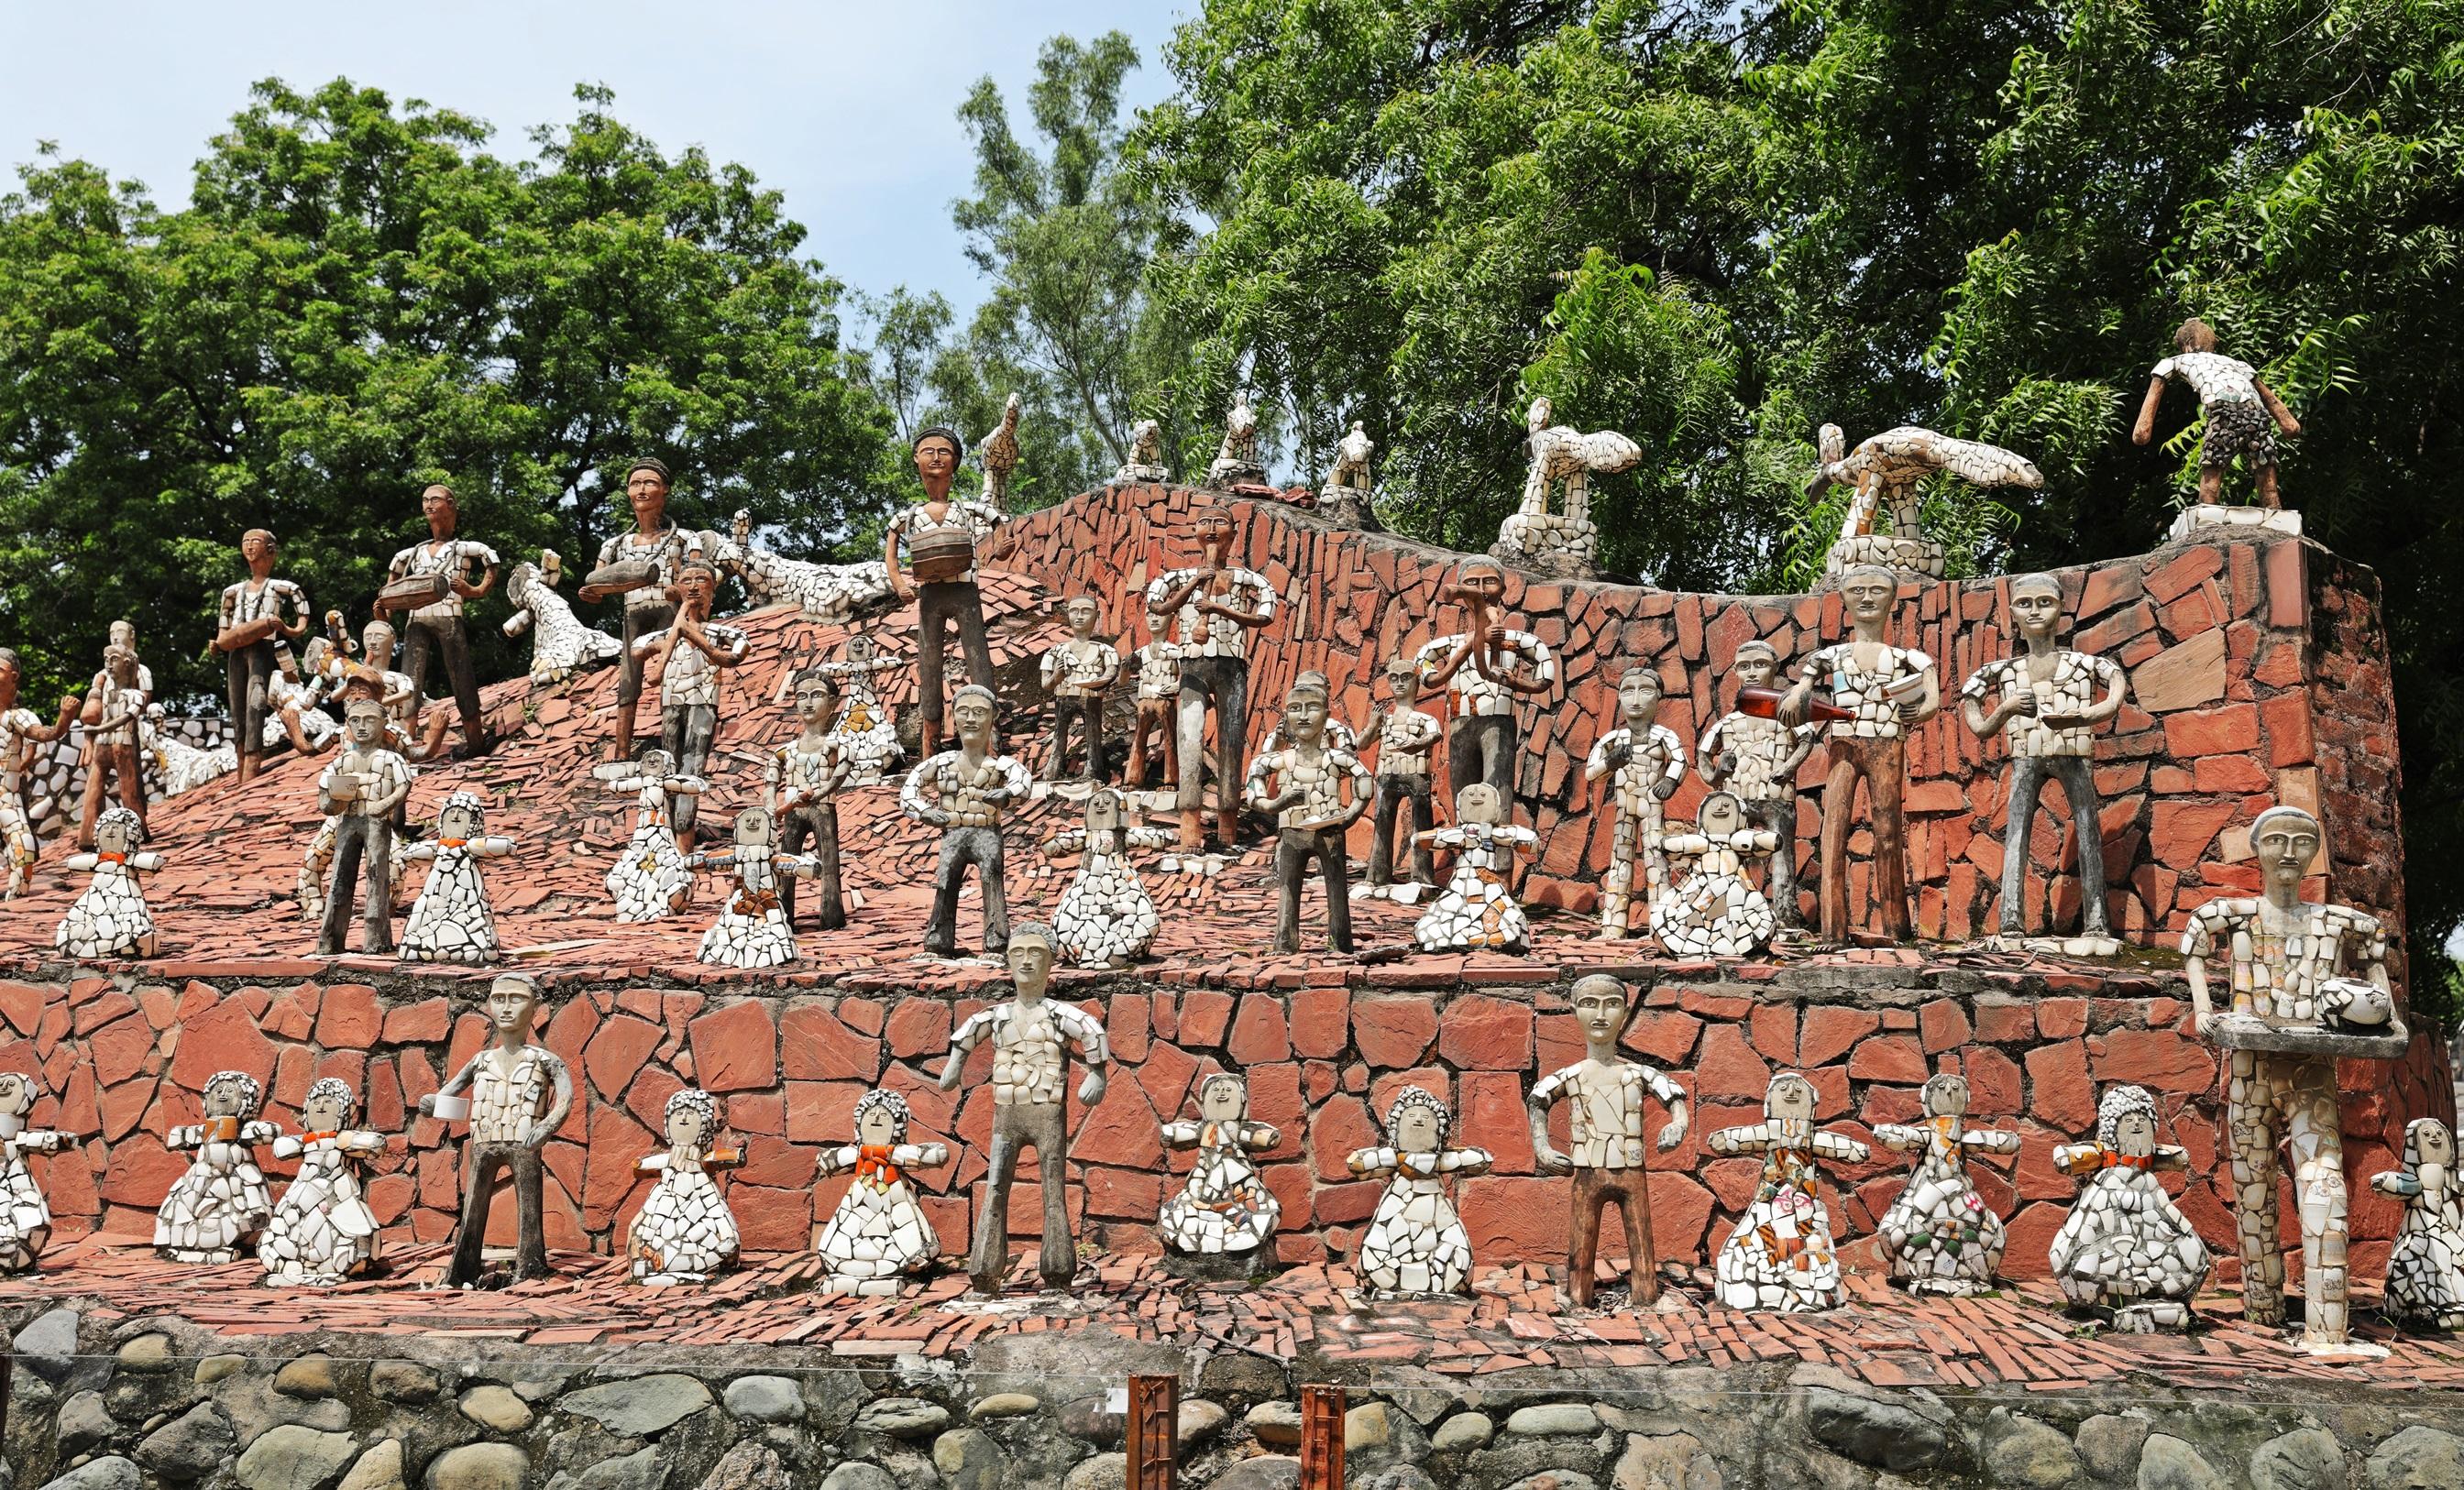 People sculptures, Rock Garden, Chandigarh